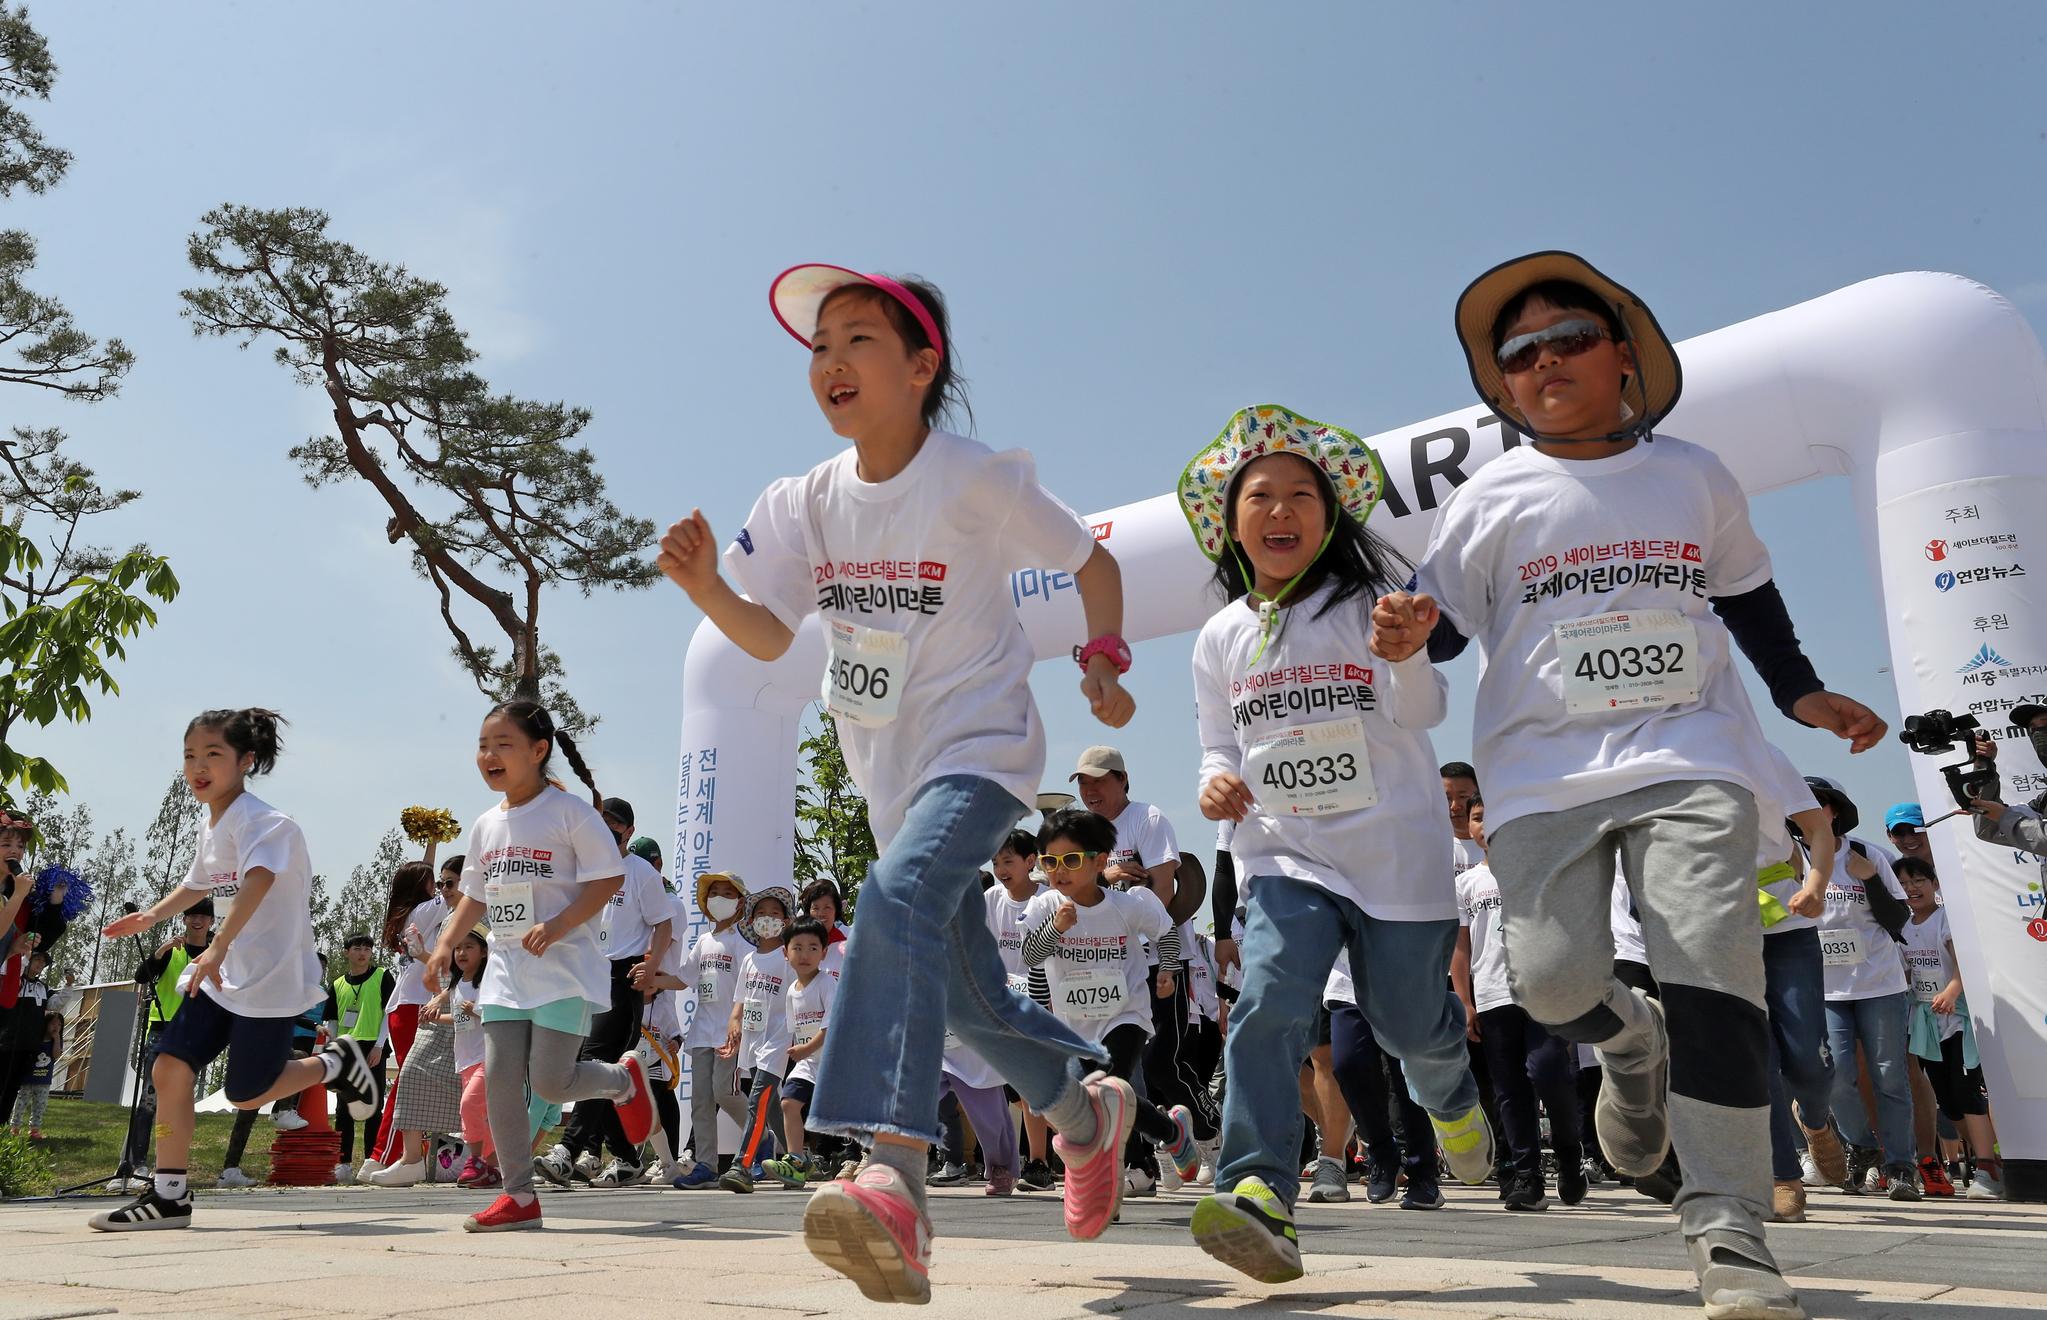 5일 세종시 세종호수공원에서 열린 2019 국제어린이마라톤 참가자들이 힘찬 출발을 하고 있다. 빈곤 아동들을 위한 이날 나눔행사는 국제아동 구호개발 비정부기구(NGO) 세이브더칠드런이 주최했다.[연합뉴스]